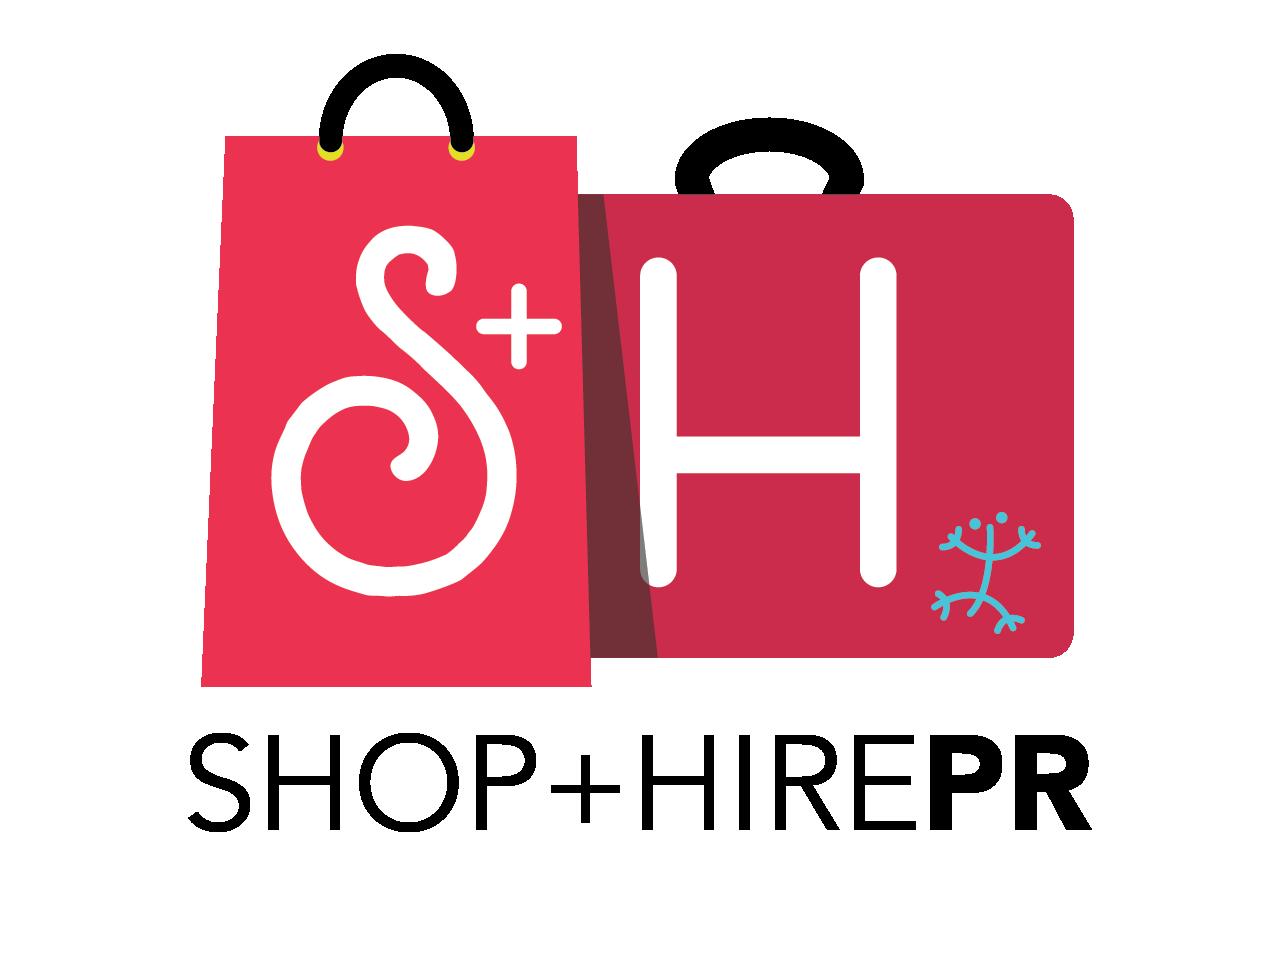 Shop+HirePR